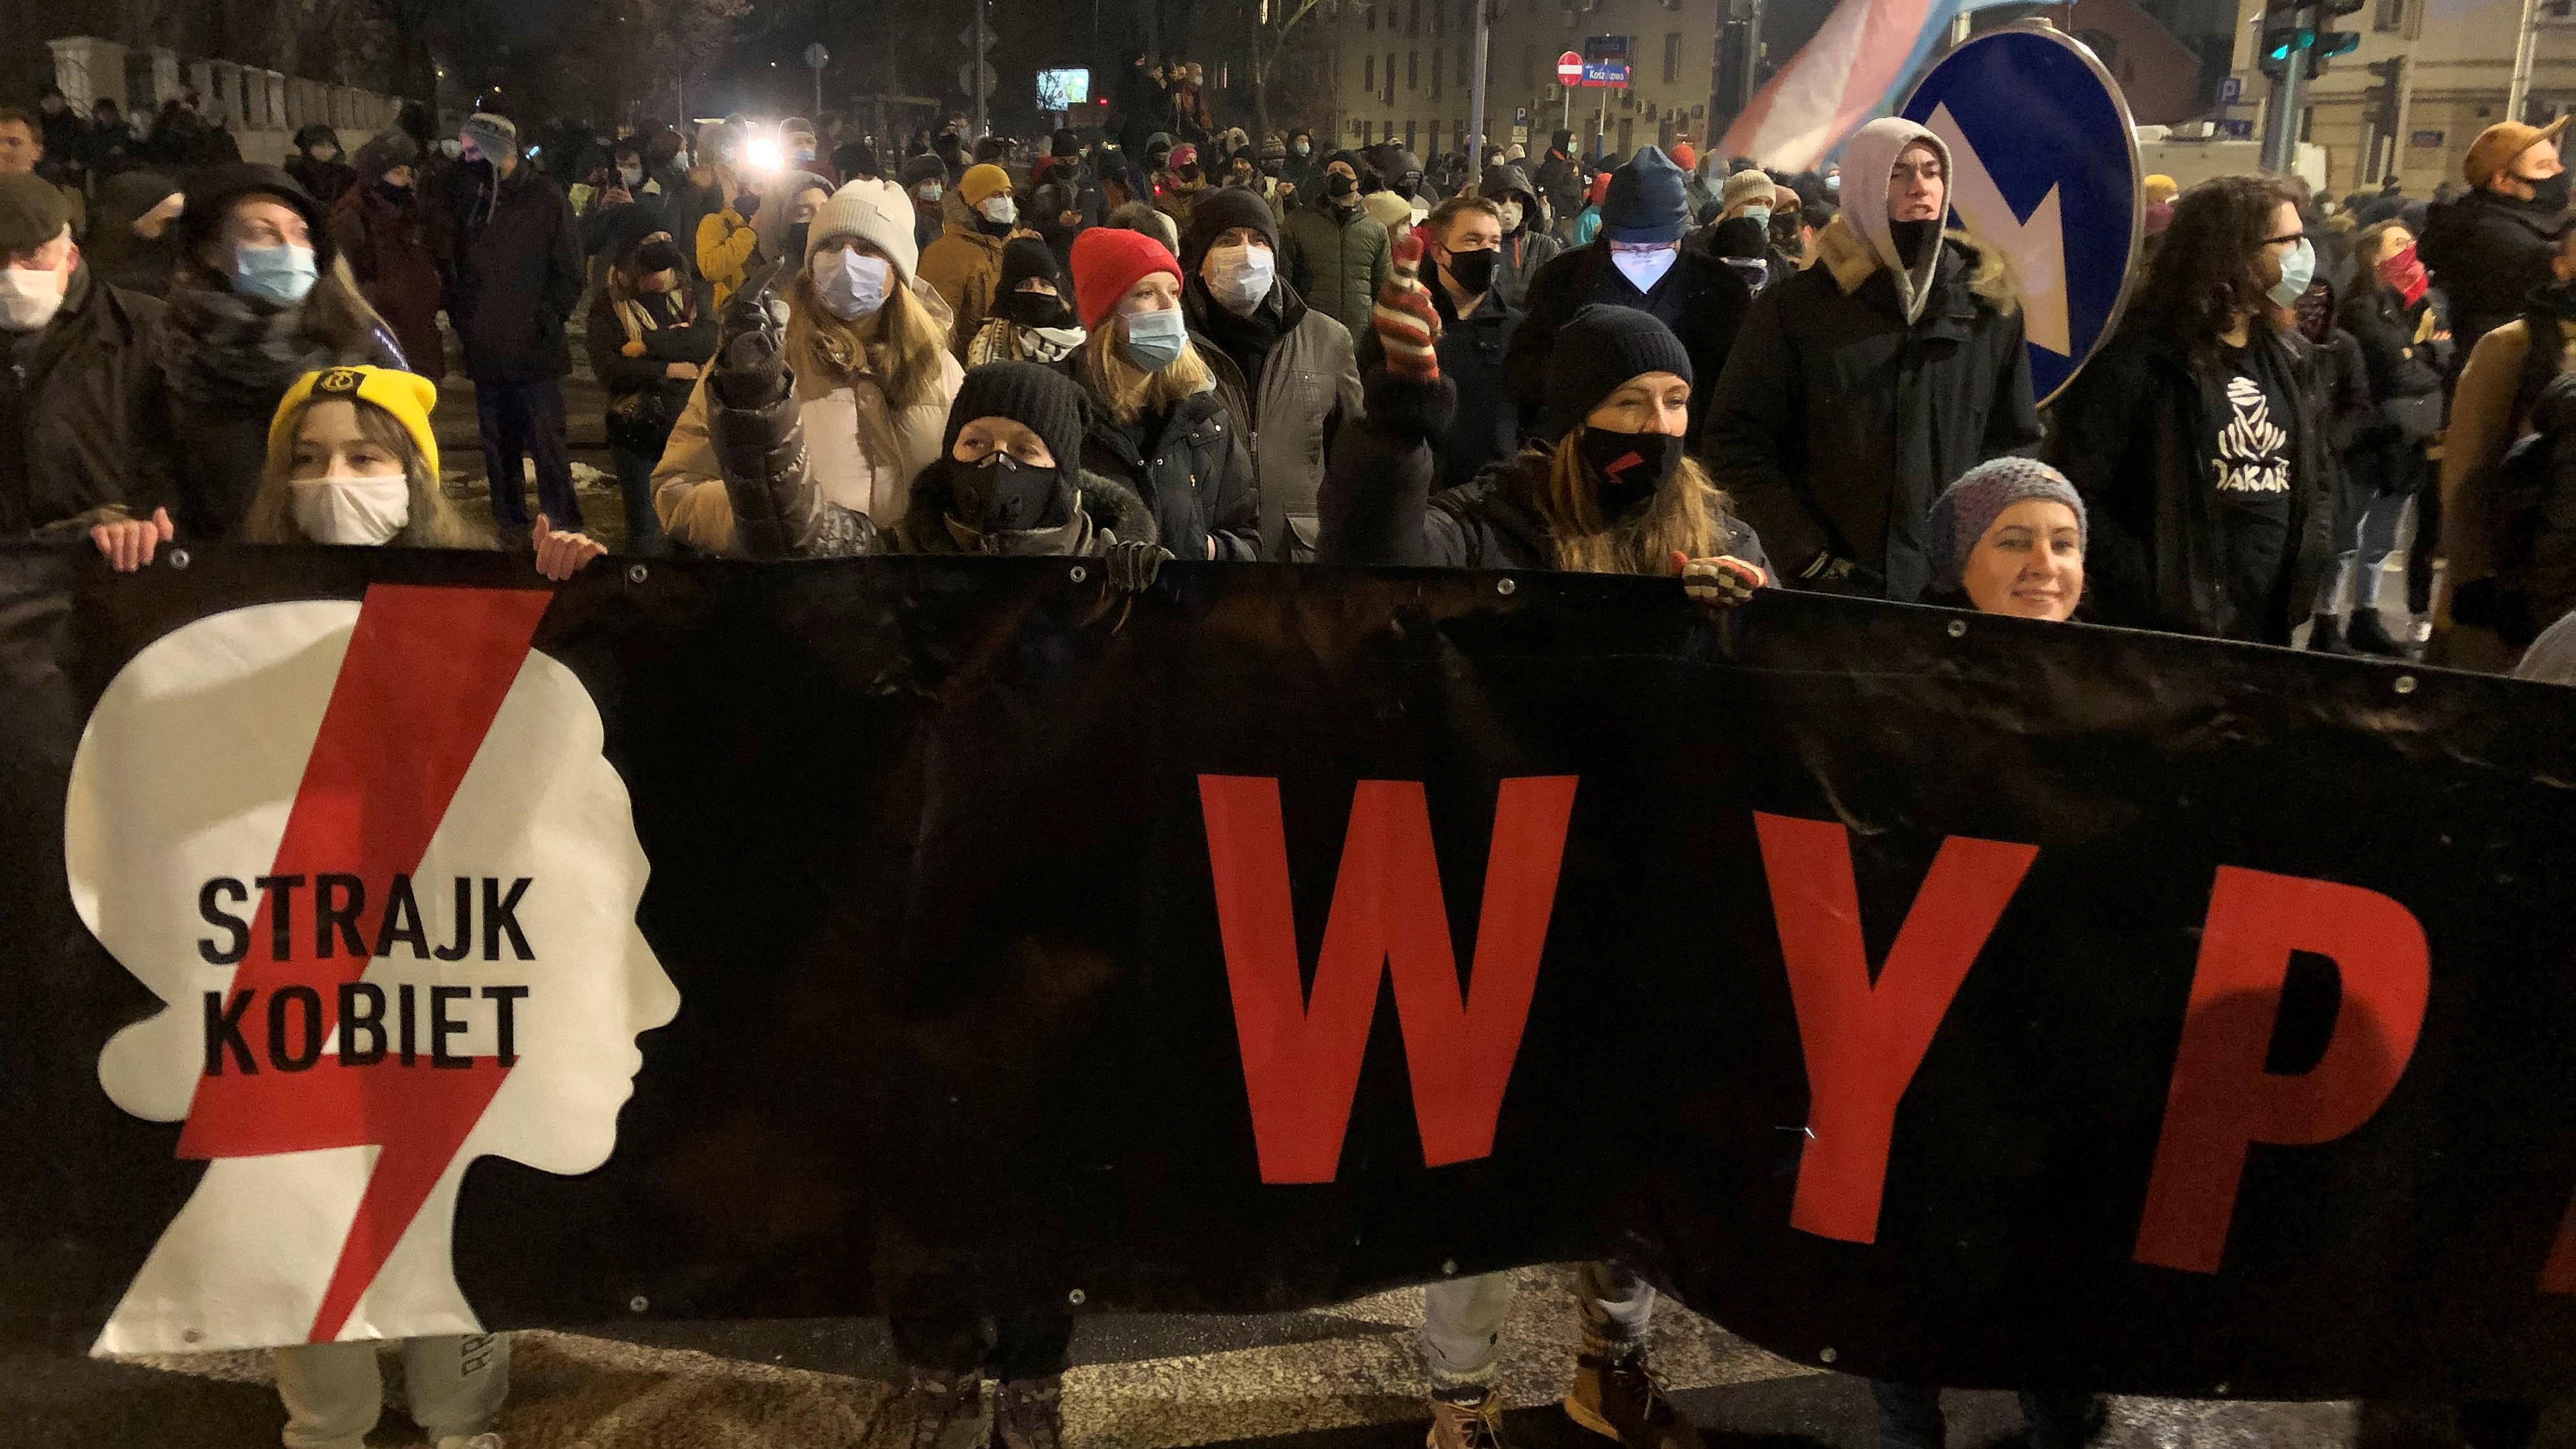 Tüntetõk tiltakoznak az abortusztörvény szigorítása ellen a Jog és Igazságosság Pártja (PiS) székháza elõtt Varsóban 2021. január 27-én.